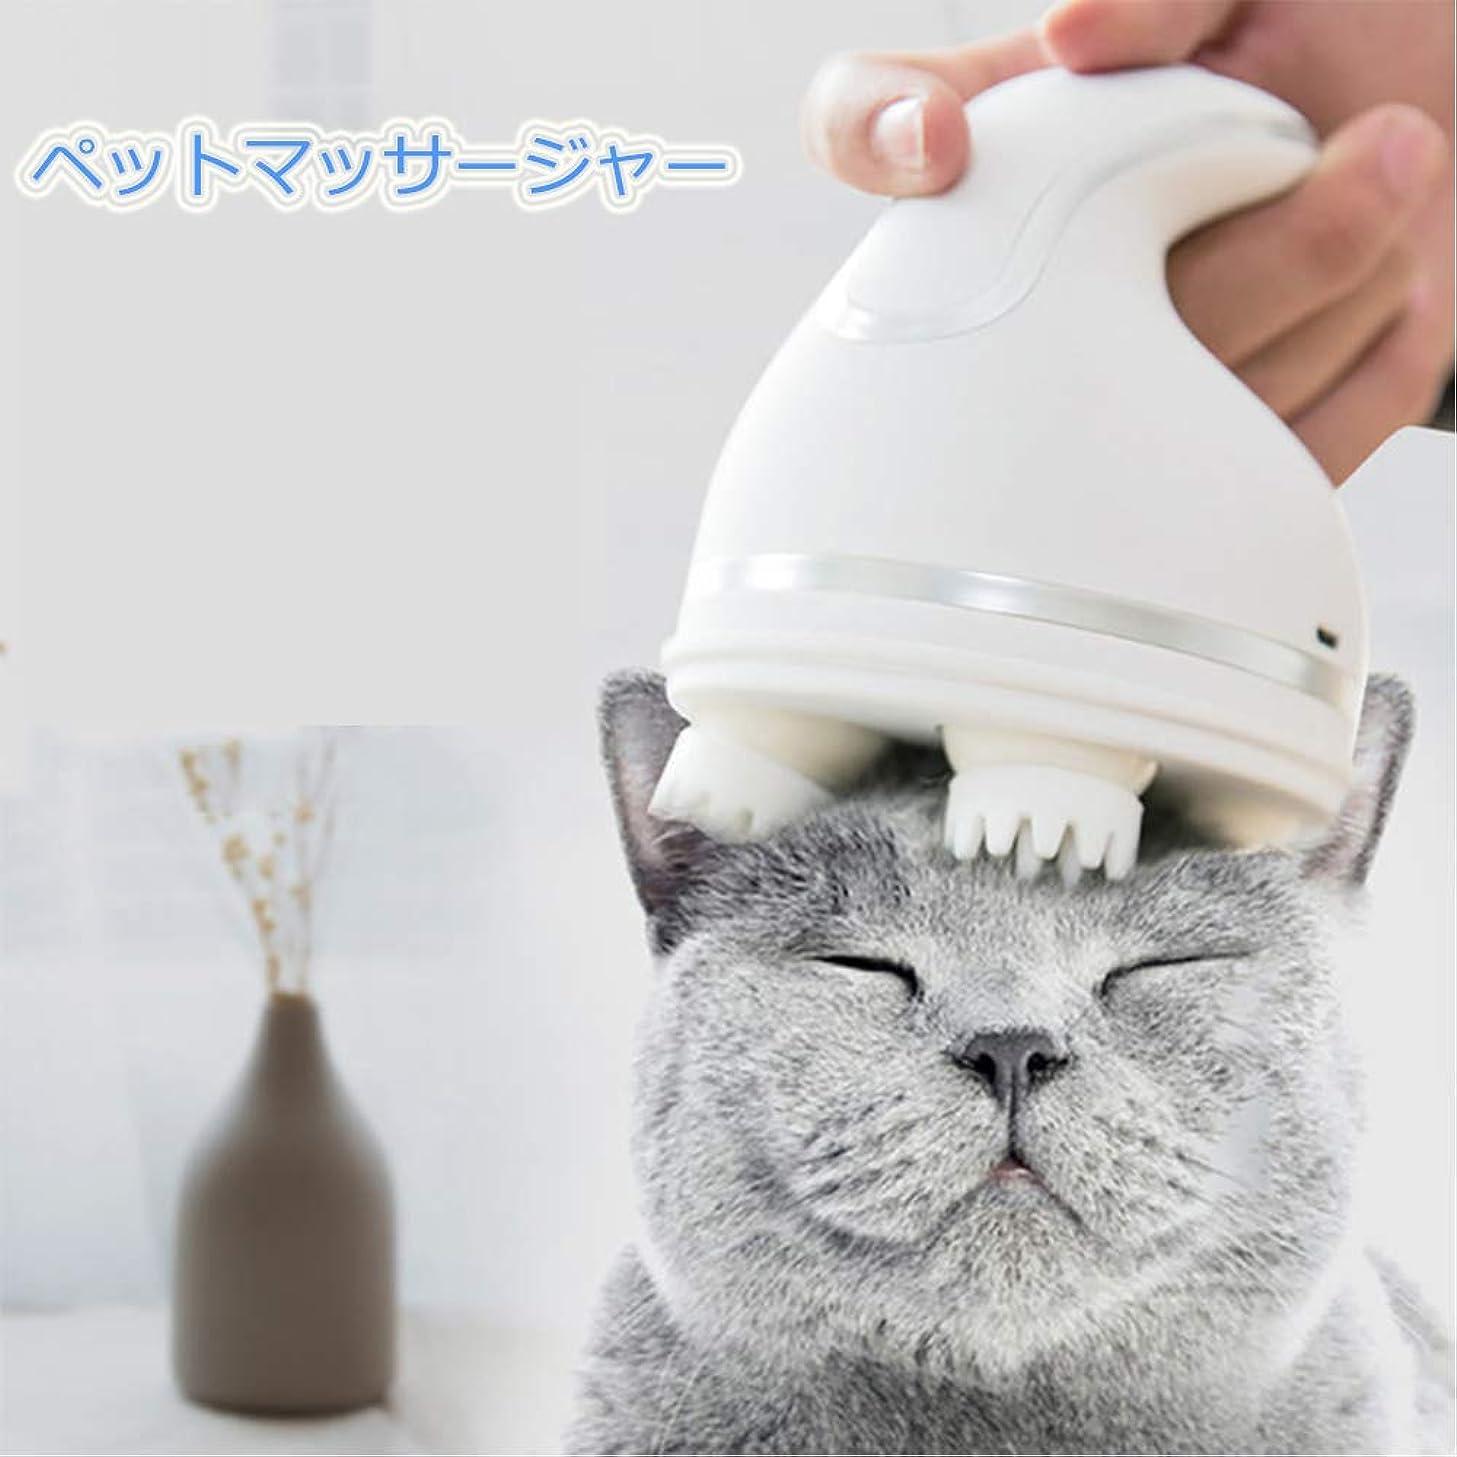 困った考えた足音ペットマッサージャー 猫マッサージ ヘッドマッサージャー 電動 ヘッドマッサージ器 猫マッサージ器 多機能 ヘッドスパ 発毛促進 血液の循環を促進する USB充電 ペット用品 ペットマッサージ